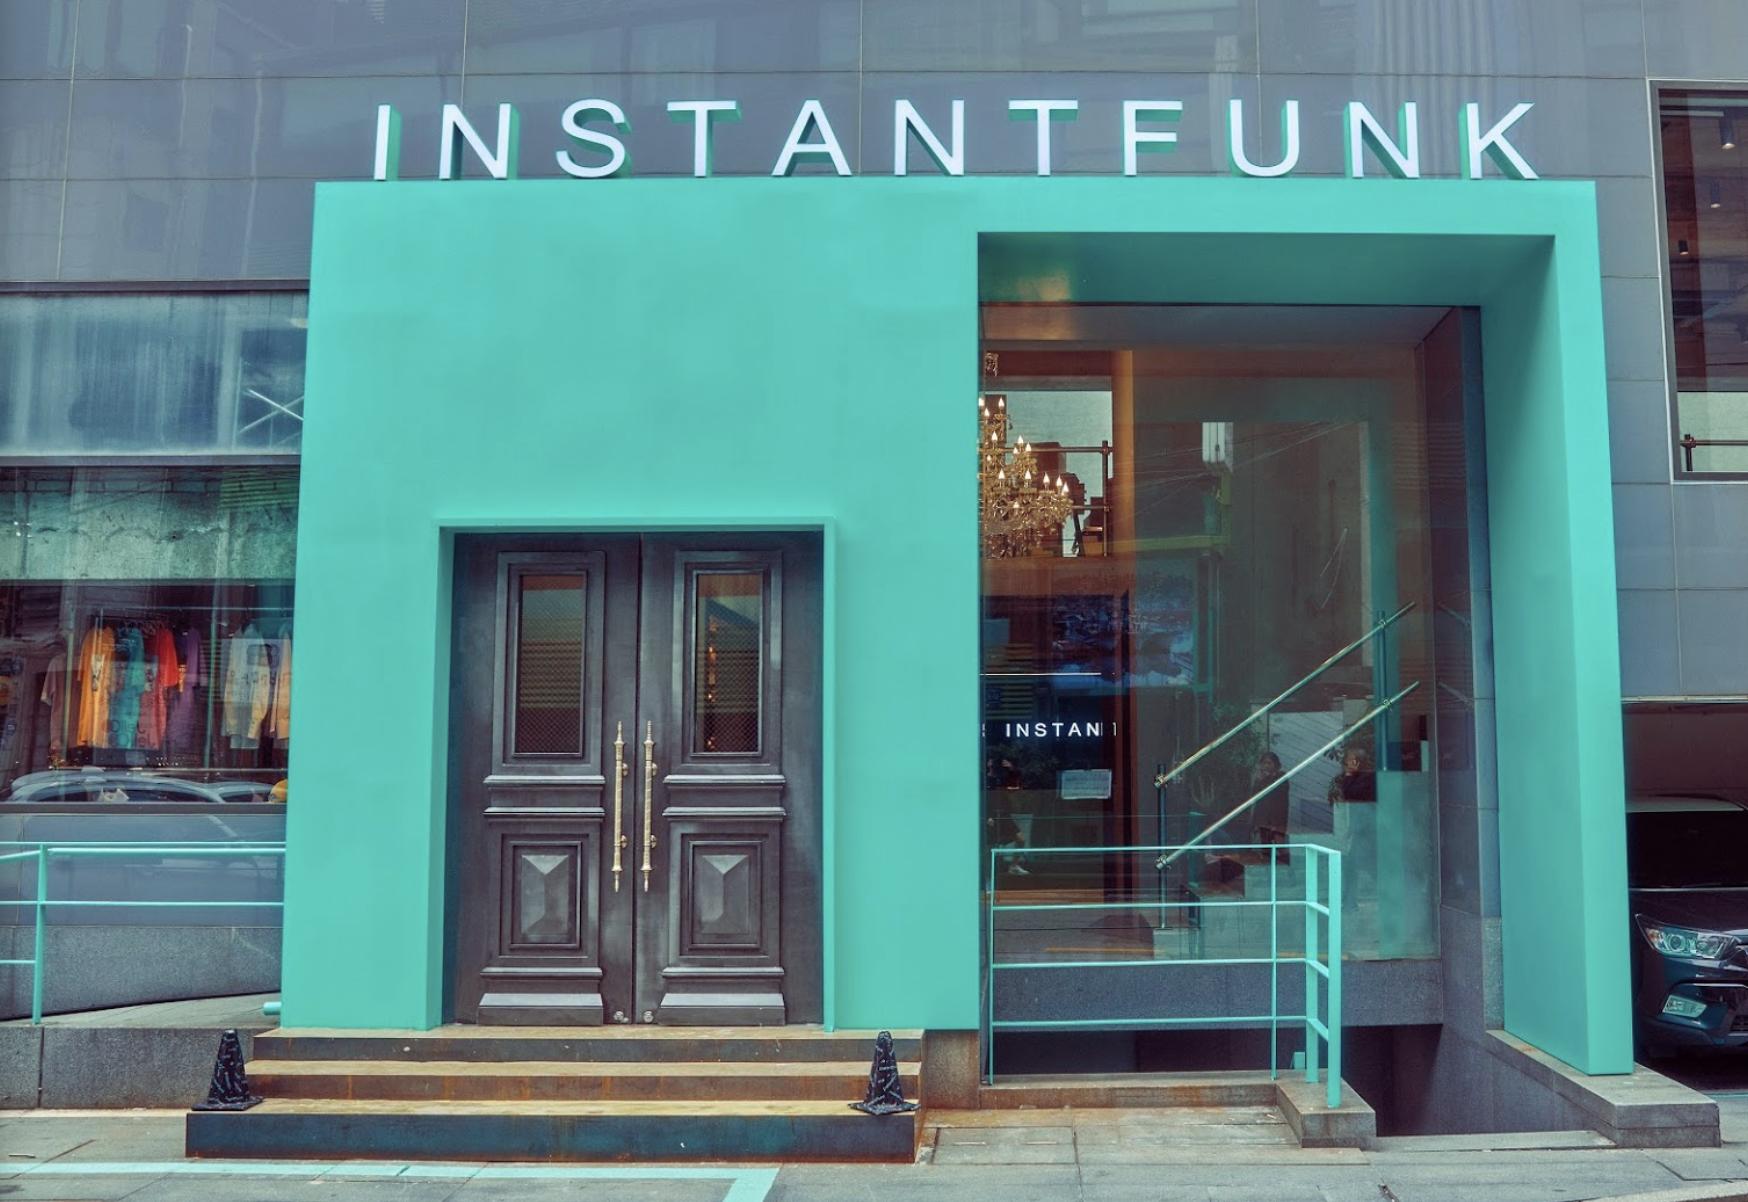 【行ってみたシリーズ】元TwiceやBTSのスタイリストが INSTANT FANK(インスタントファンク)のディレクターに転身!そのお店に行ってみた!